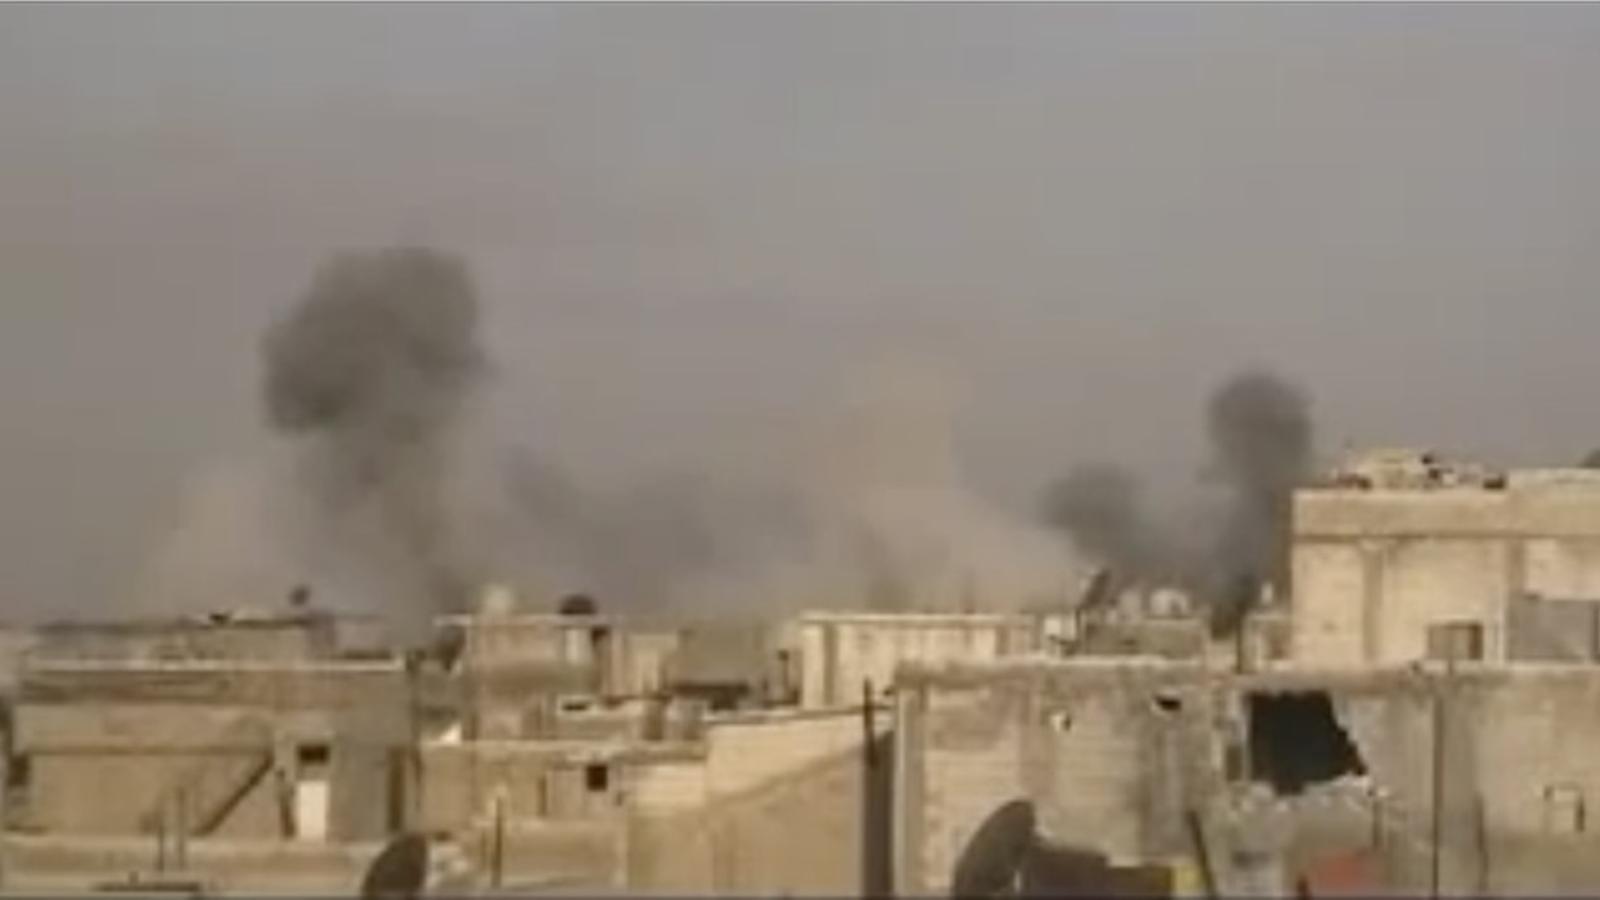 Bombardeig del règim sirià sobre el barri de Baba Amro a Homs